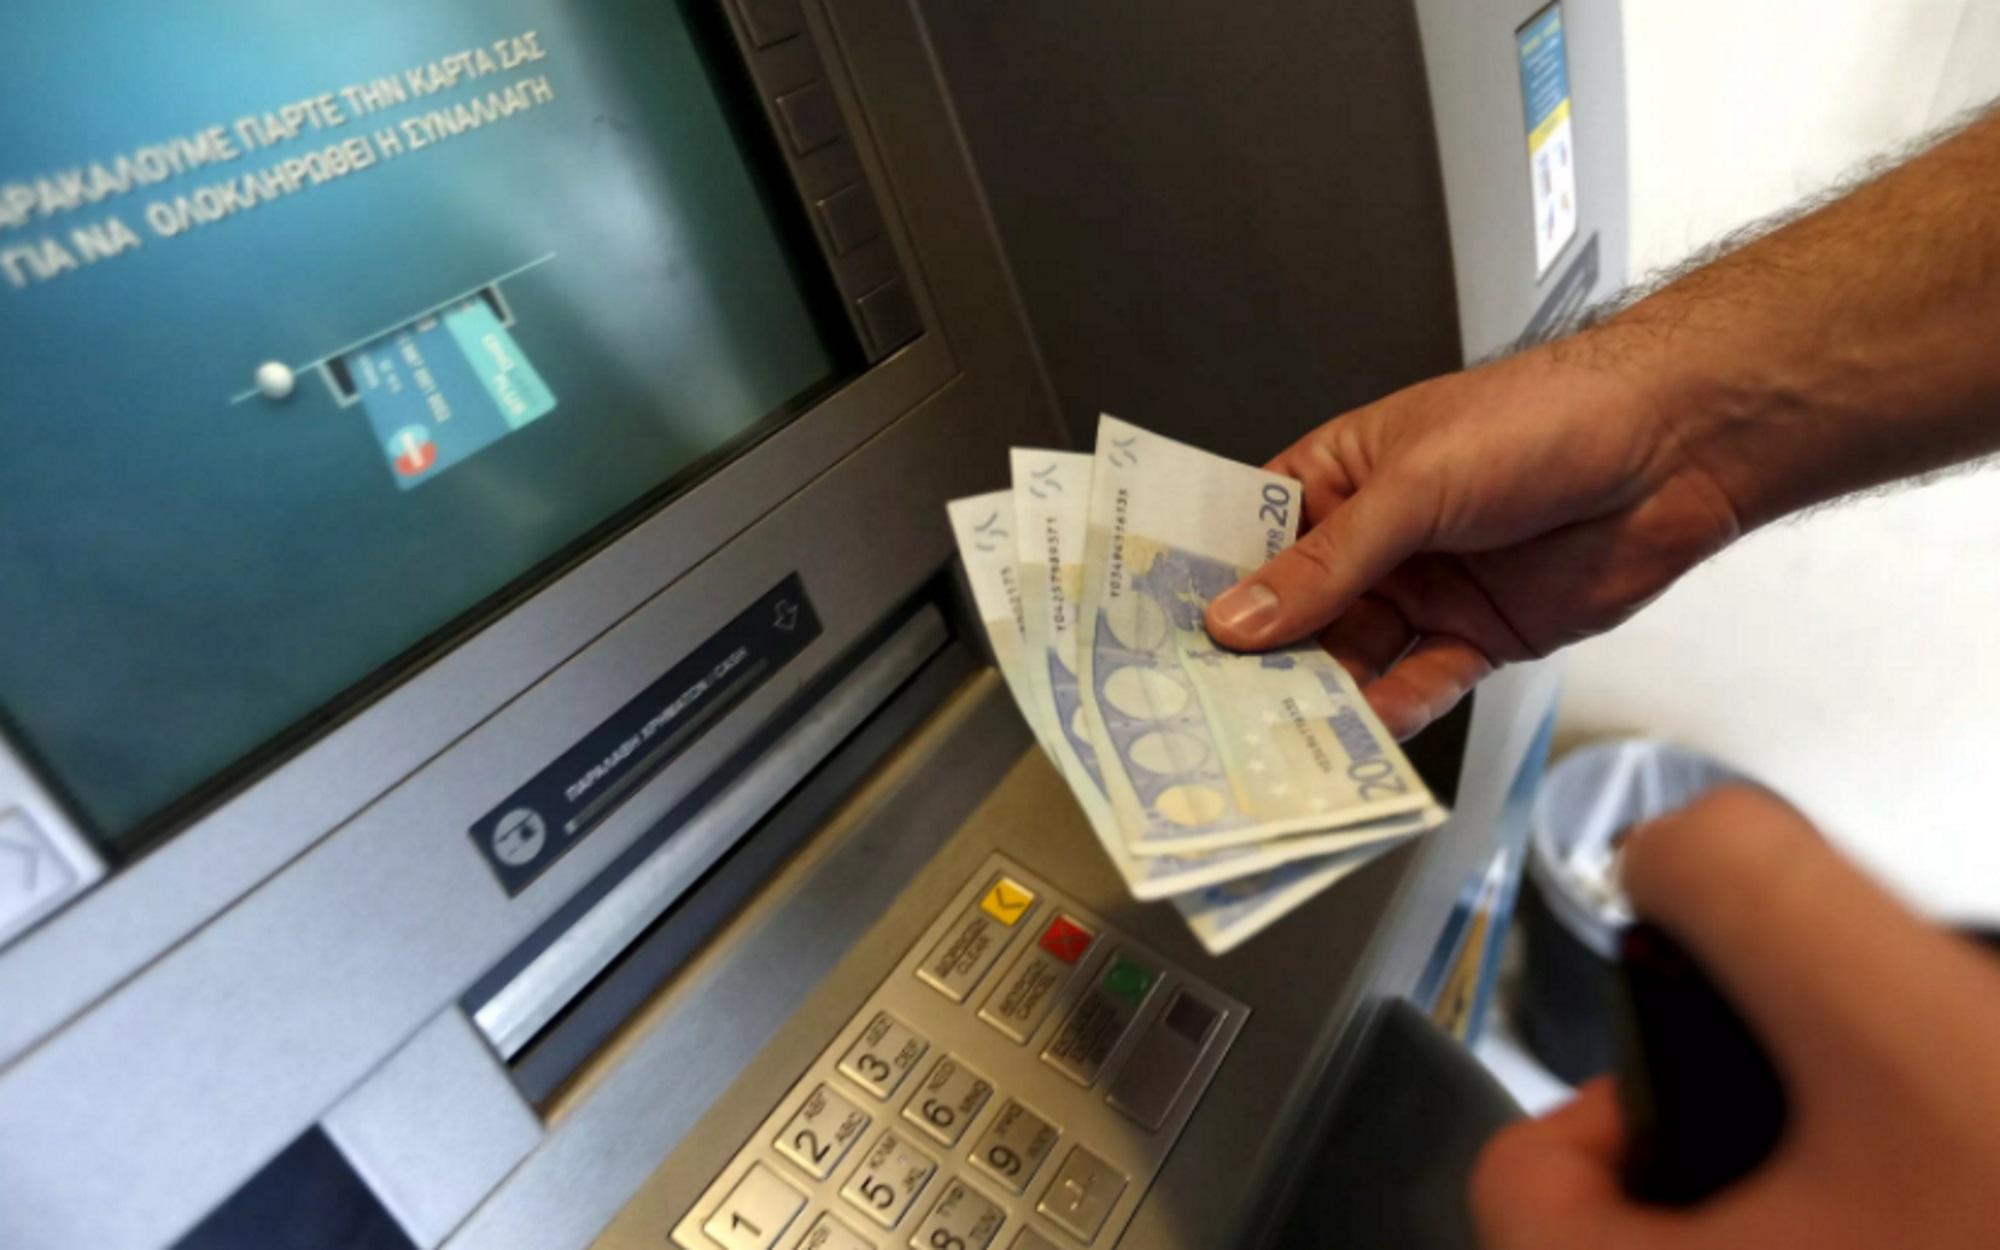 Έρχονται πληρωμές για τους εργαζόμενους – Την Παρασκευή ξεκινά η καταβολή συντάξεων Μαΐου